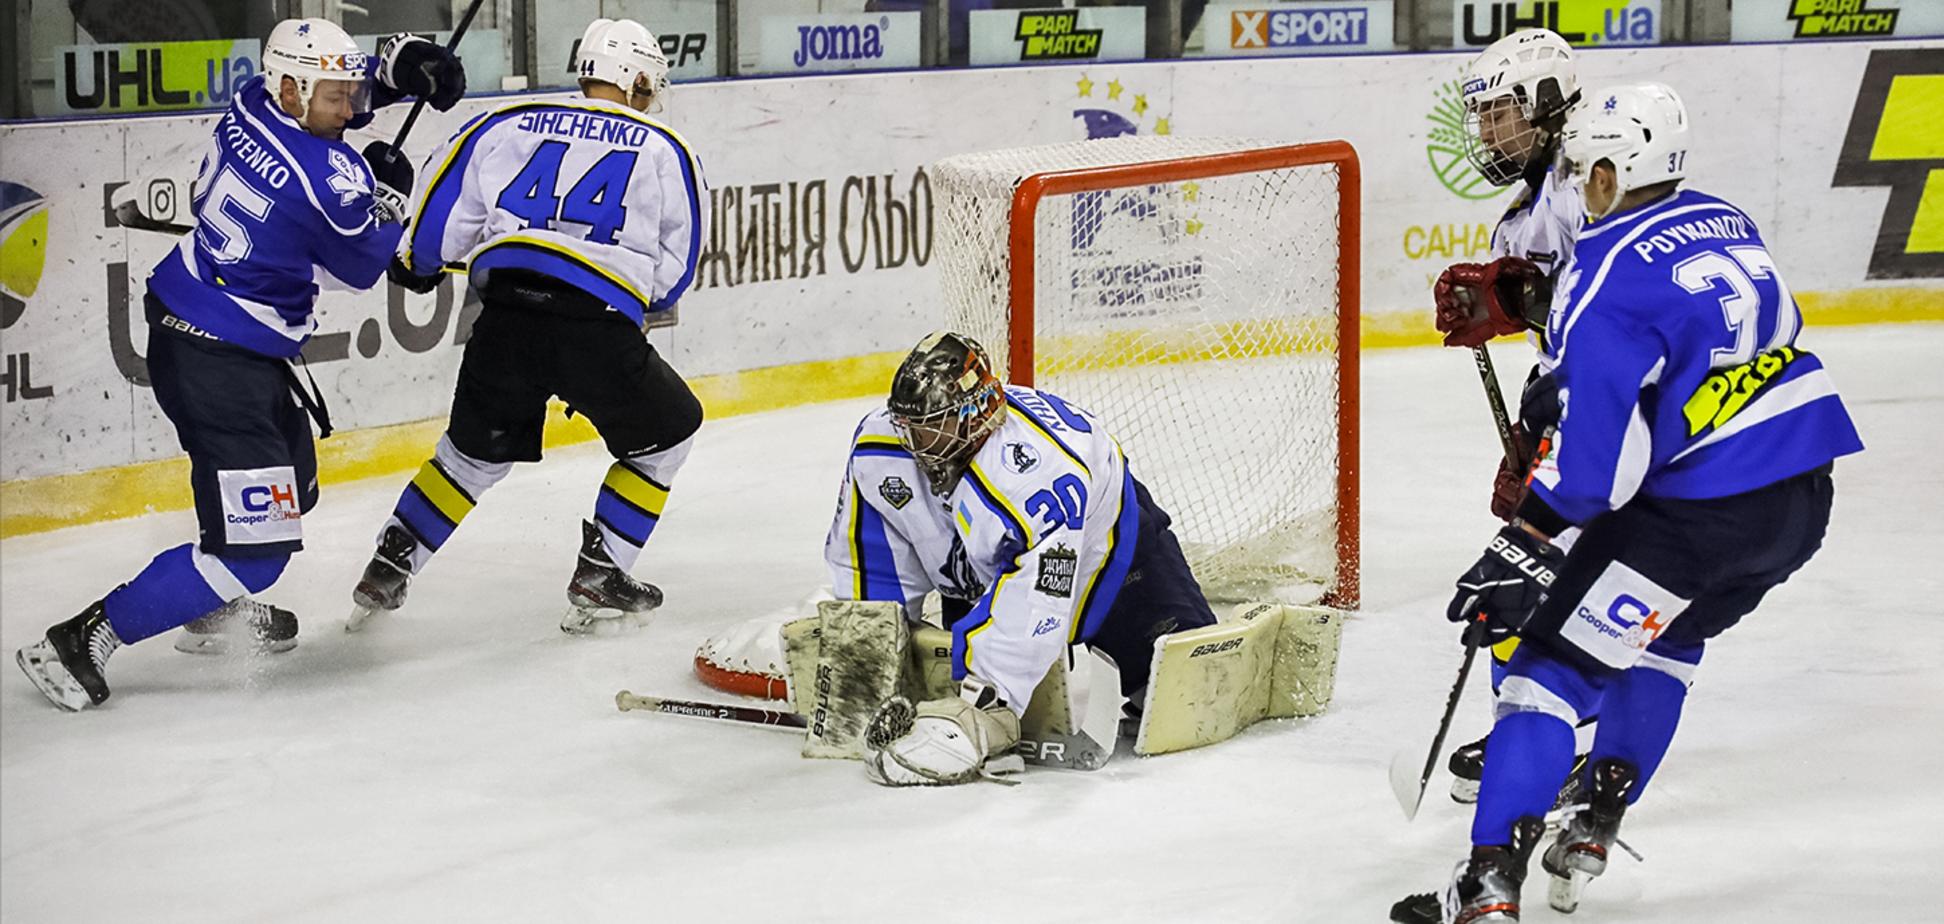 'Сокіл' в суху обіграв 'Дніпро' і продовжив боротьбу за перше місце в УХЛ